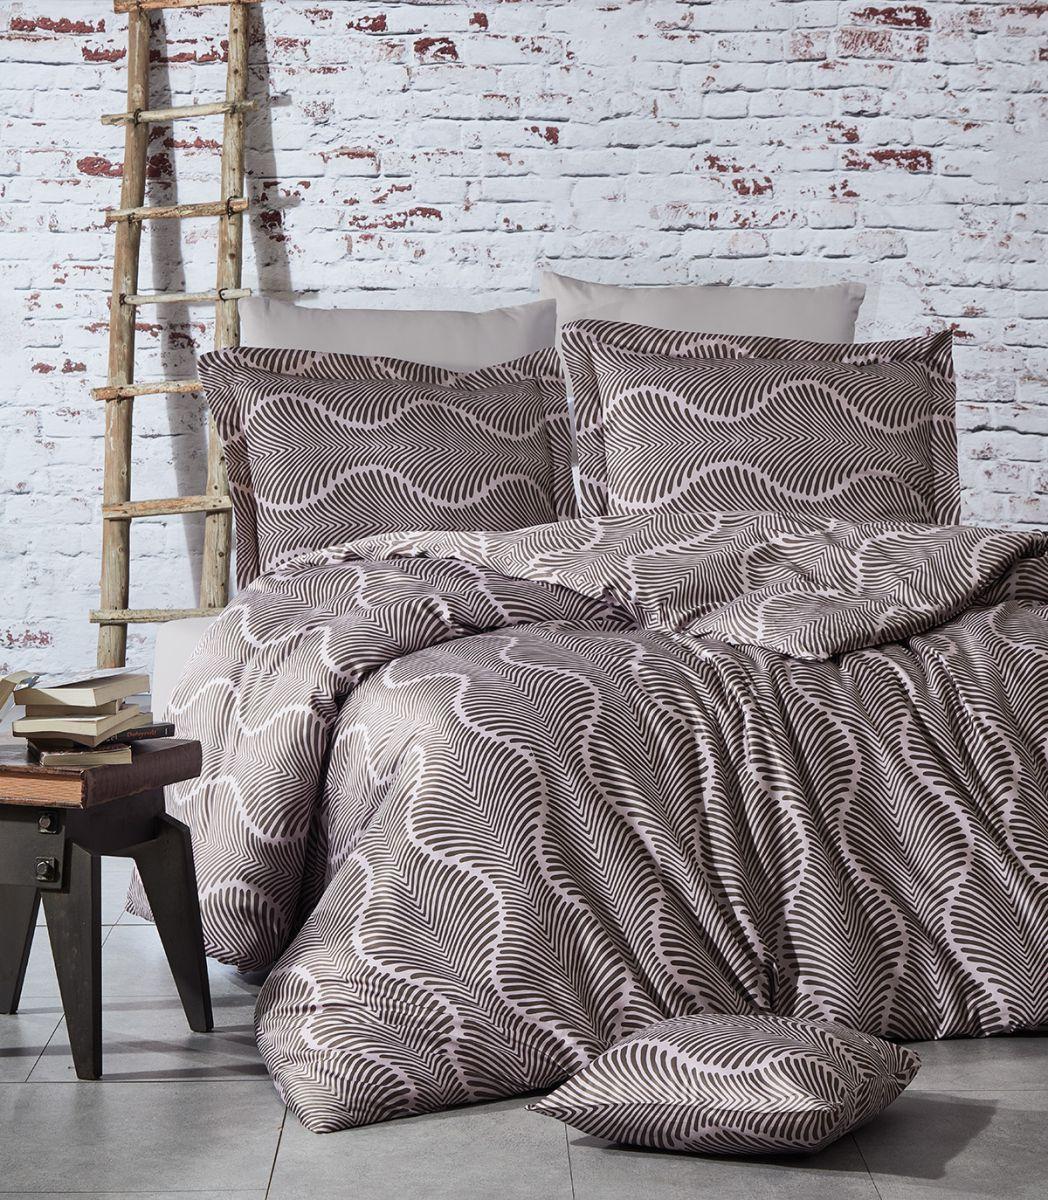 Евро-комплект постельного белья Nazenin Hira pudra Сатин. Турция